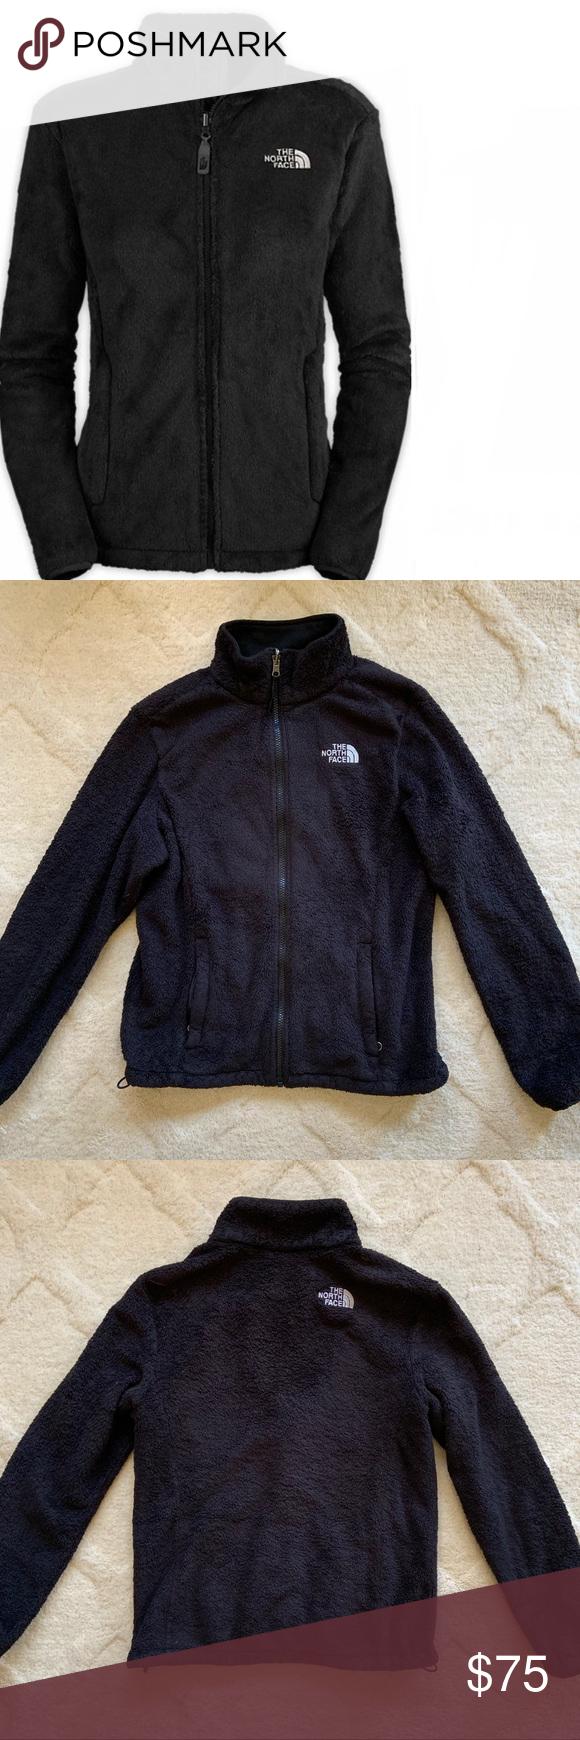 North Face Black Fuzzy Fleece Zip Up Jacket Good Pre Owned Condition Fuzzy Fleece Zip Up Jacket Please Not Black North Face North Face Jacket Clothes Design [ 1740 x 580 Pixel ]